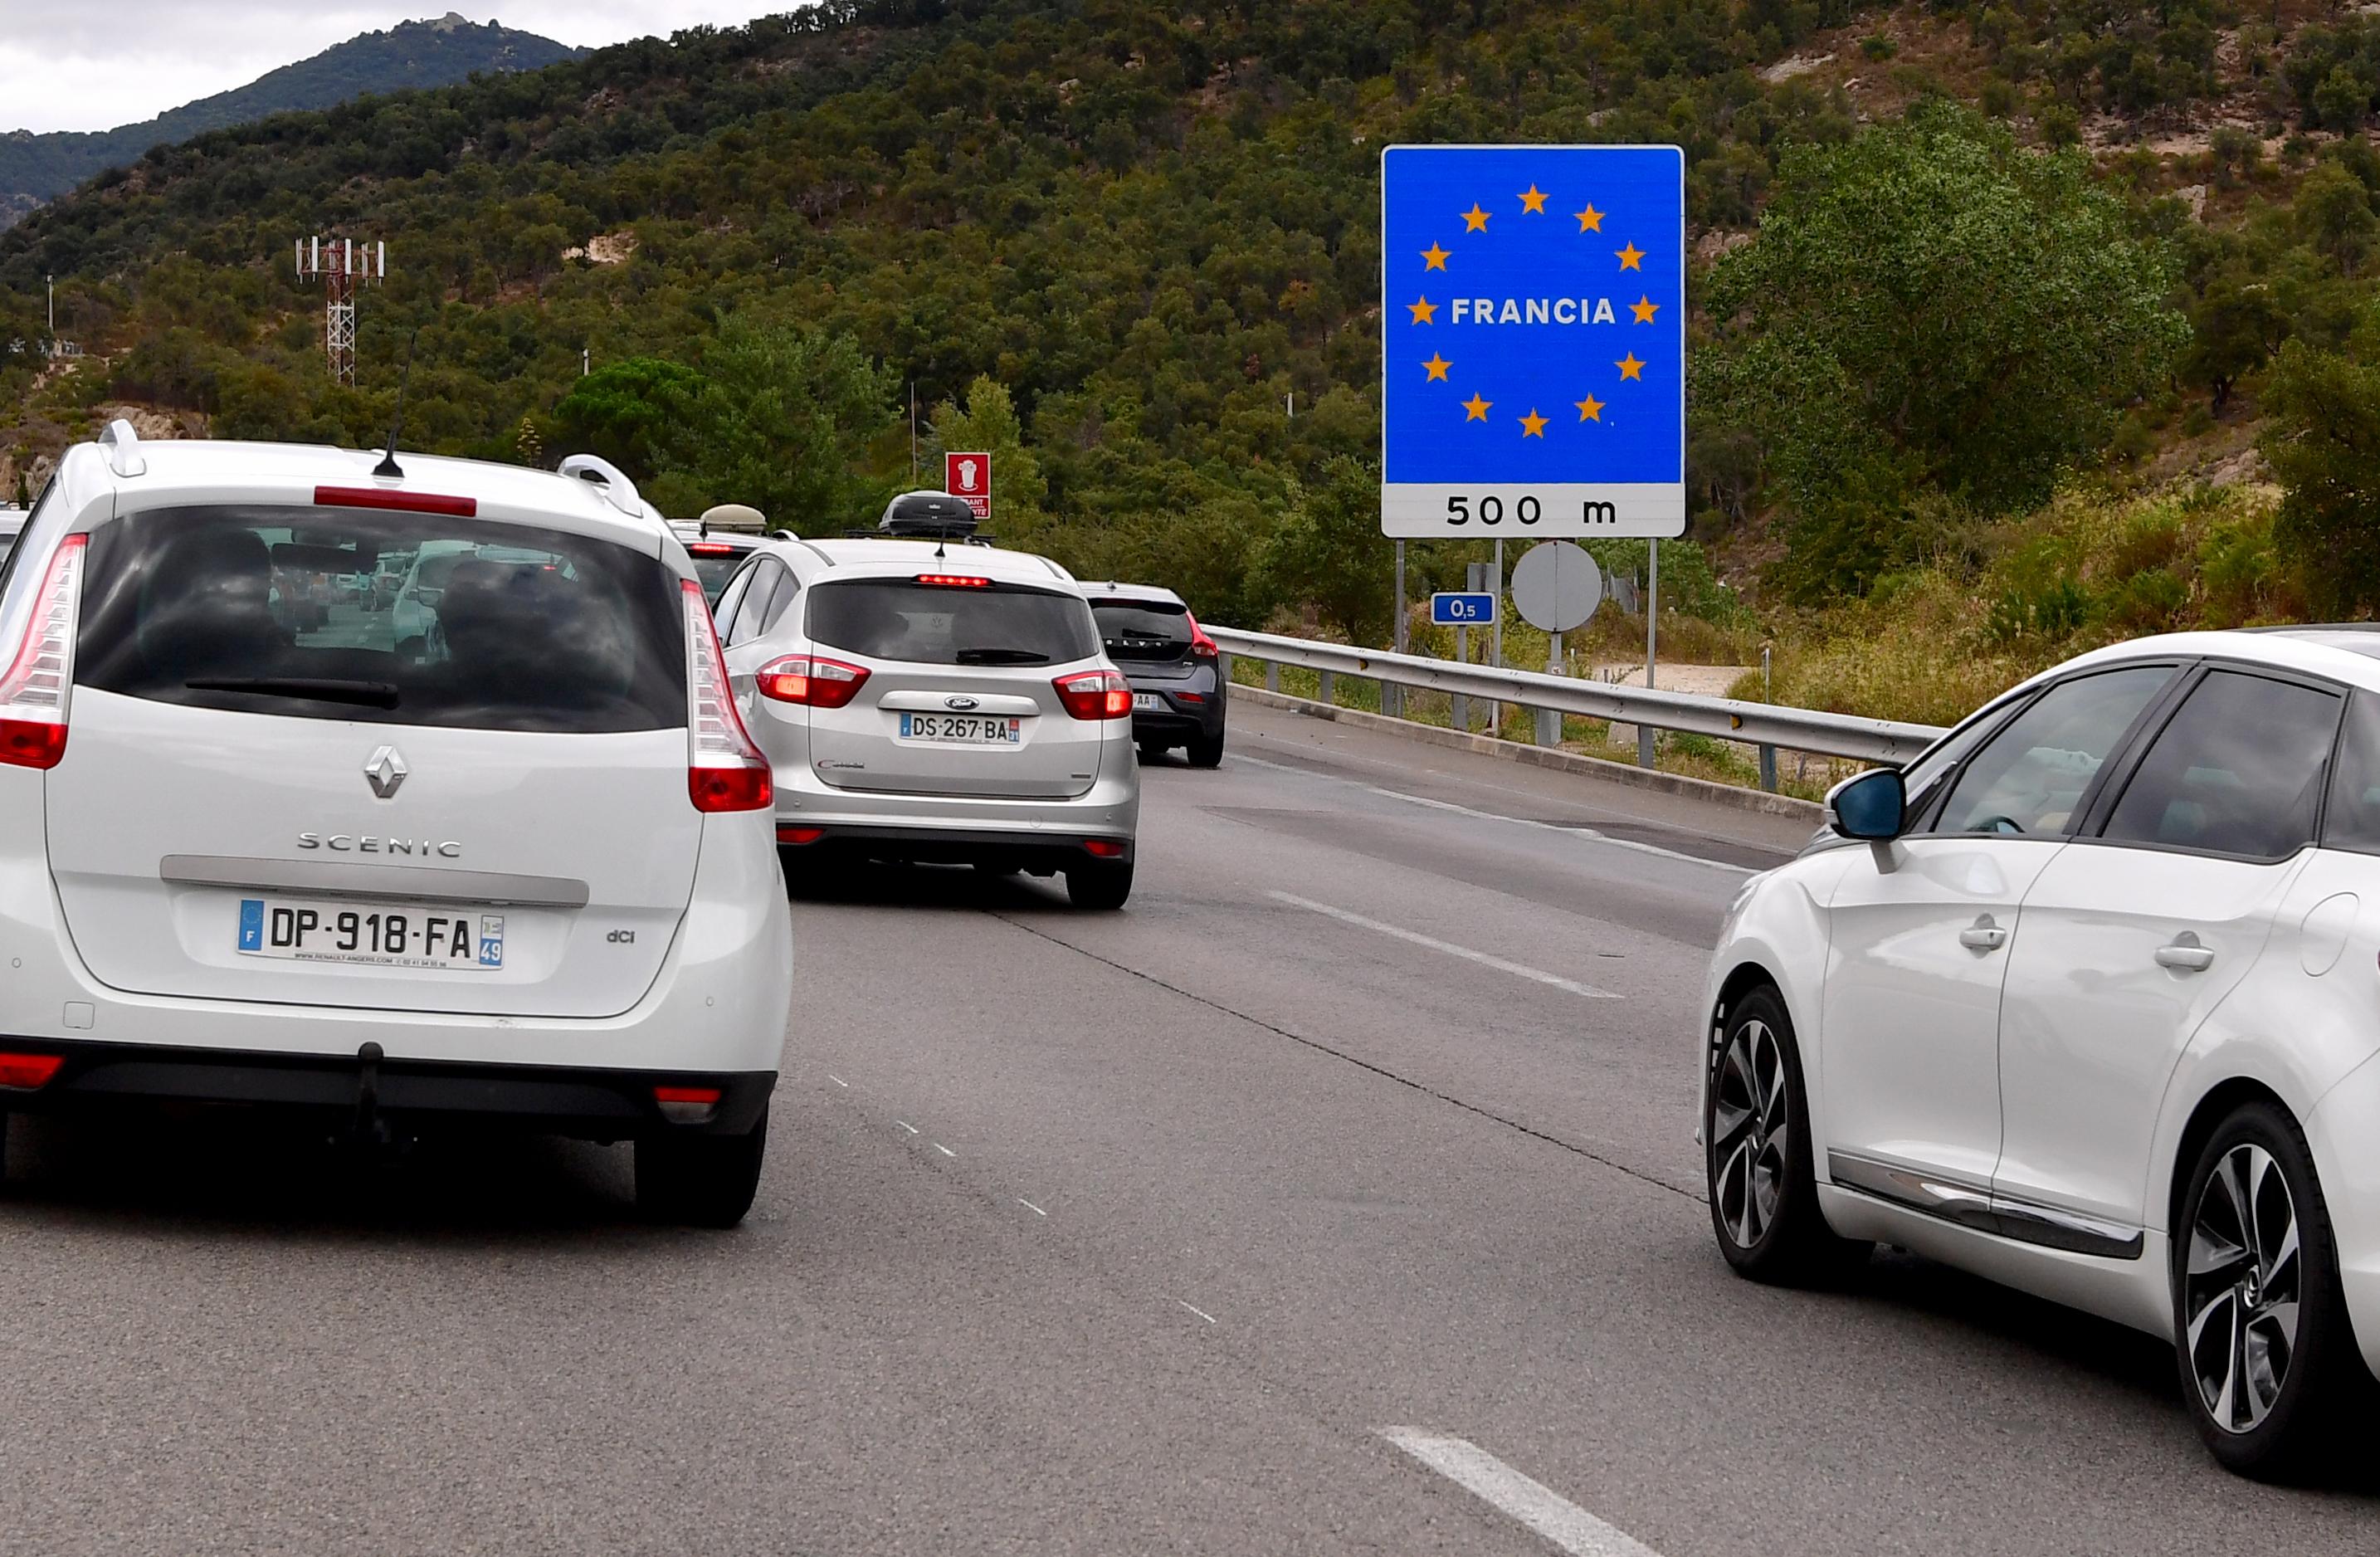 Een foto van verkeer op de grens tussen Spanje en Frankrijk